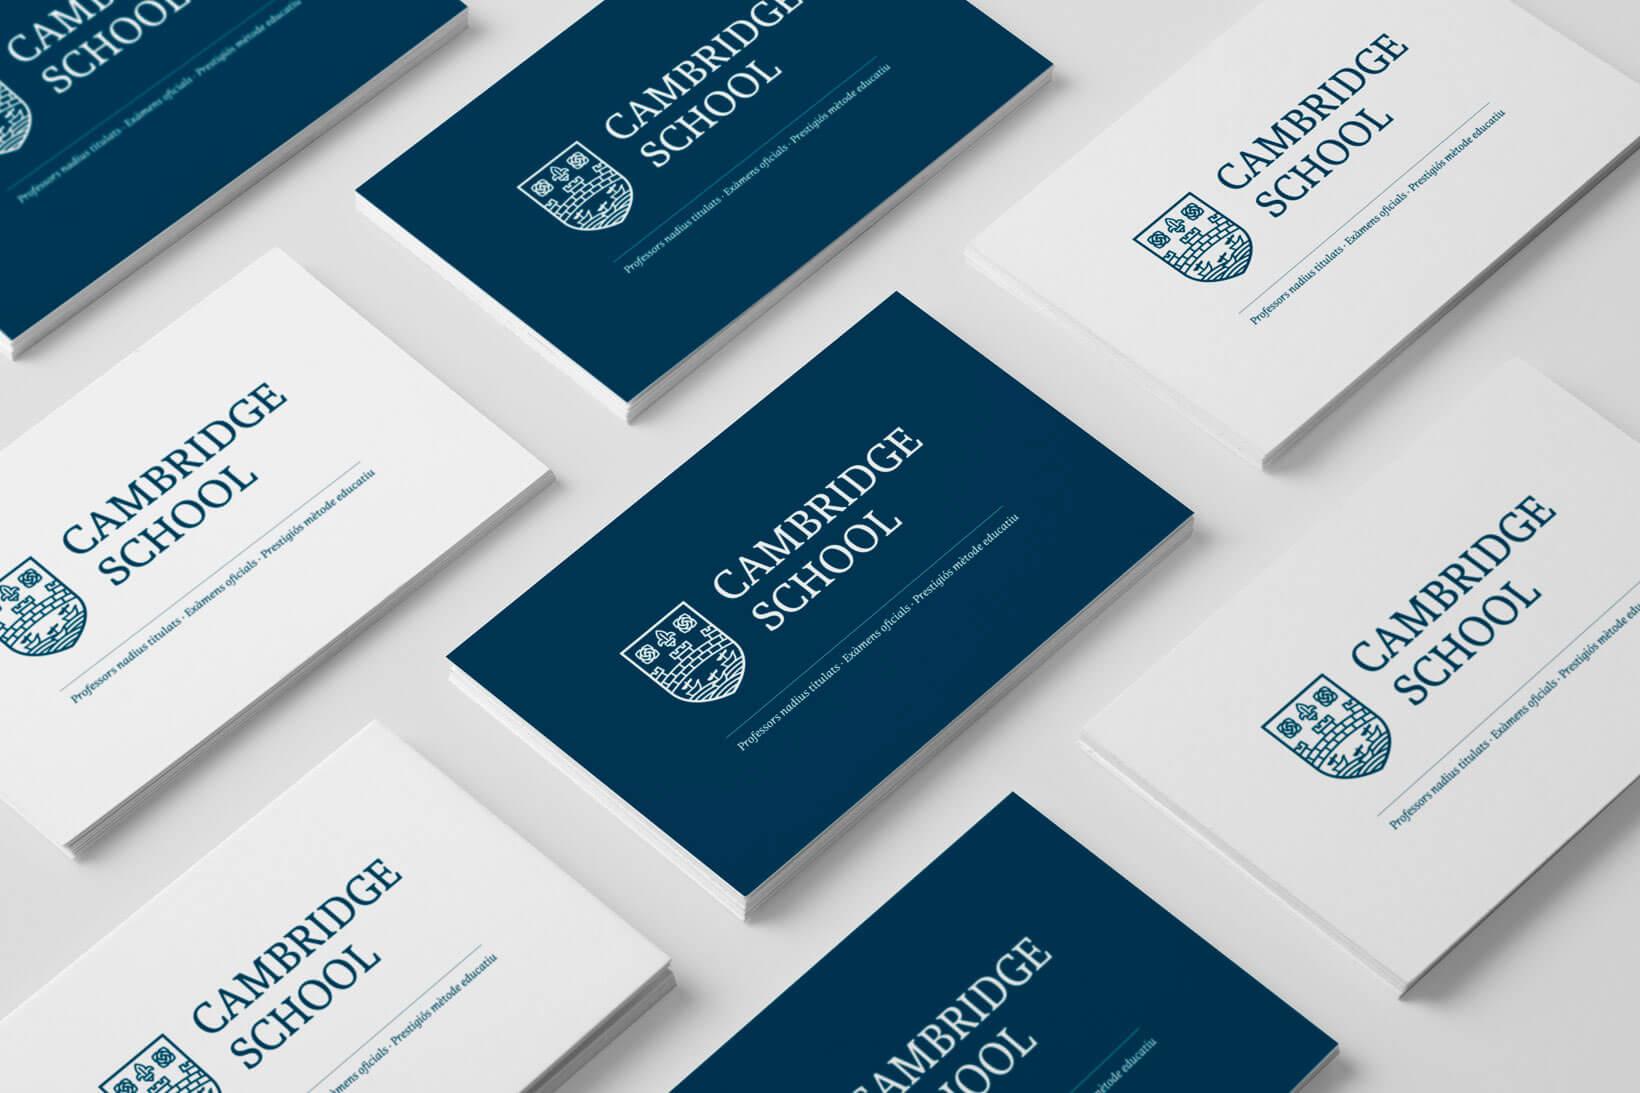 Restyling logotipo Cambridge School logo identidad gráfica diseño